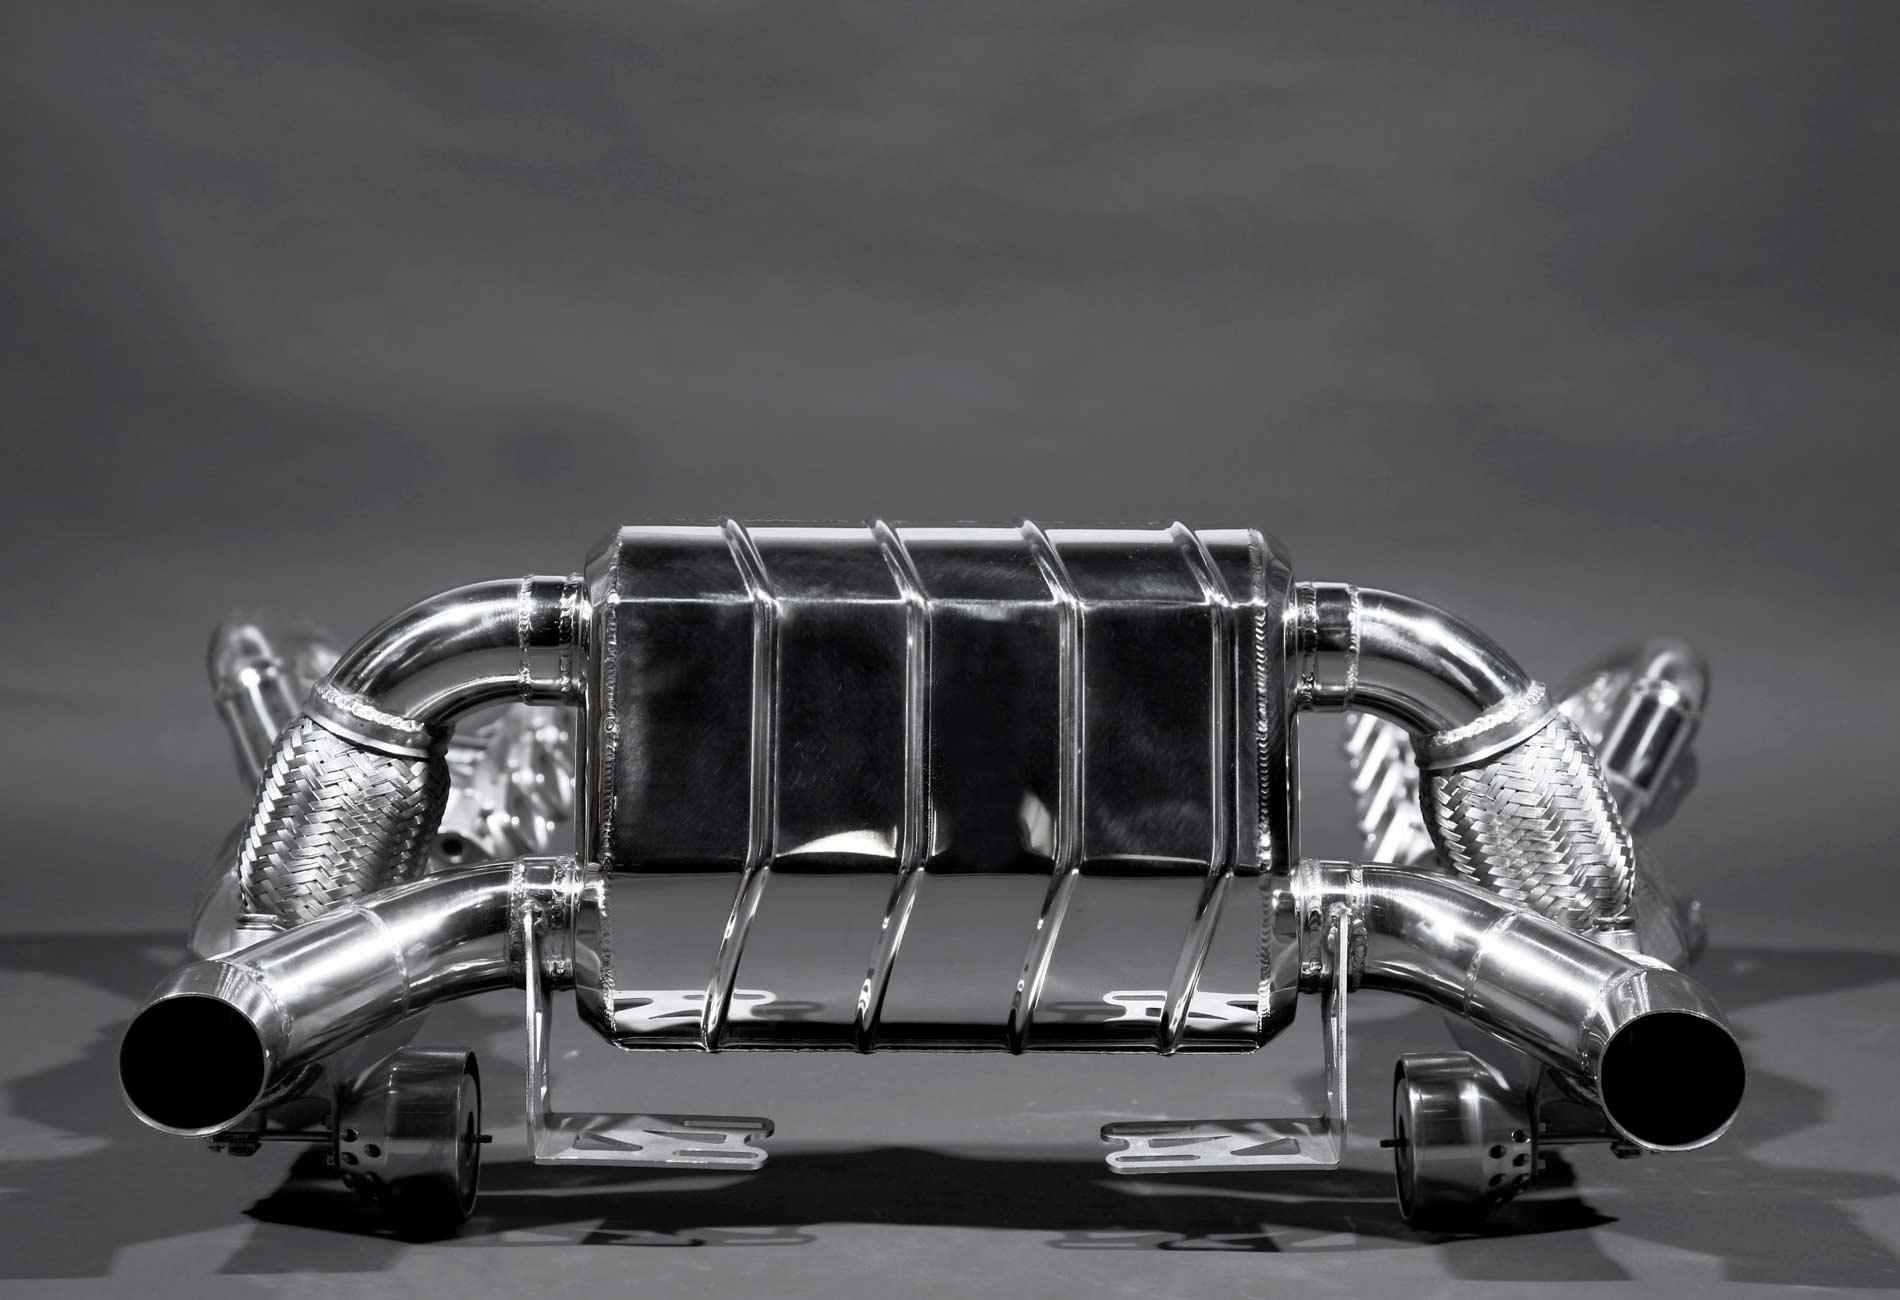 Ferrari 430 Auspuffanlage mit und ohne Klappensteuerung sowie Fächerkrümmer und Sportkatalysatoren